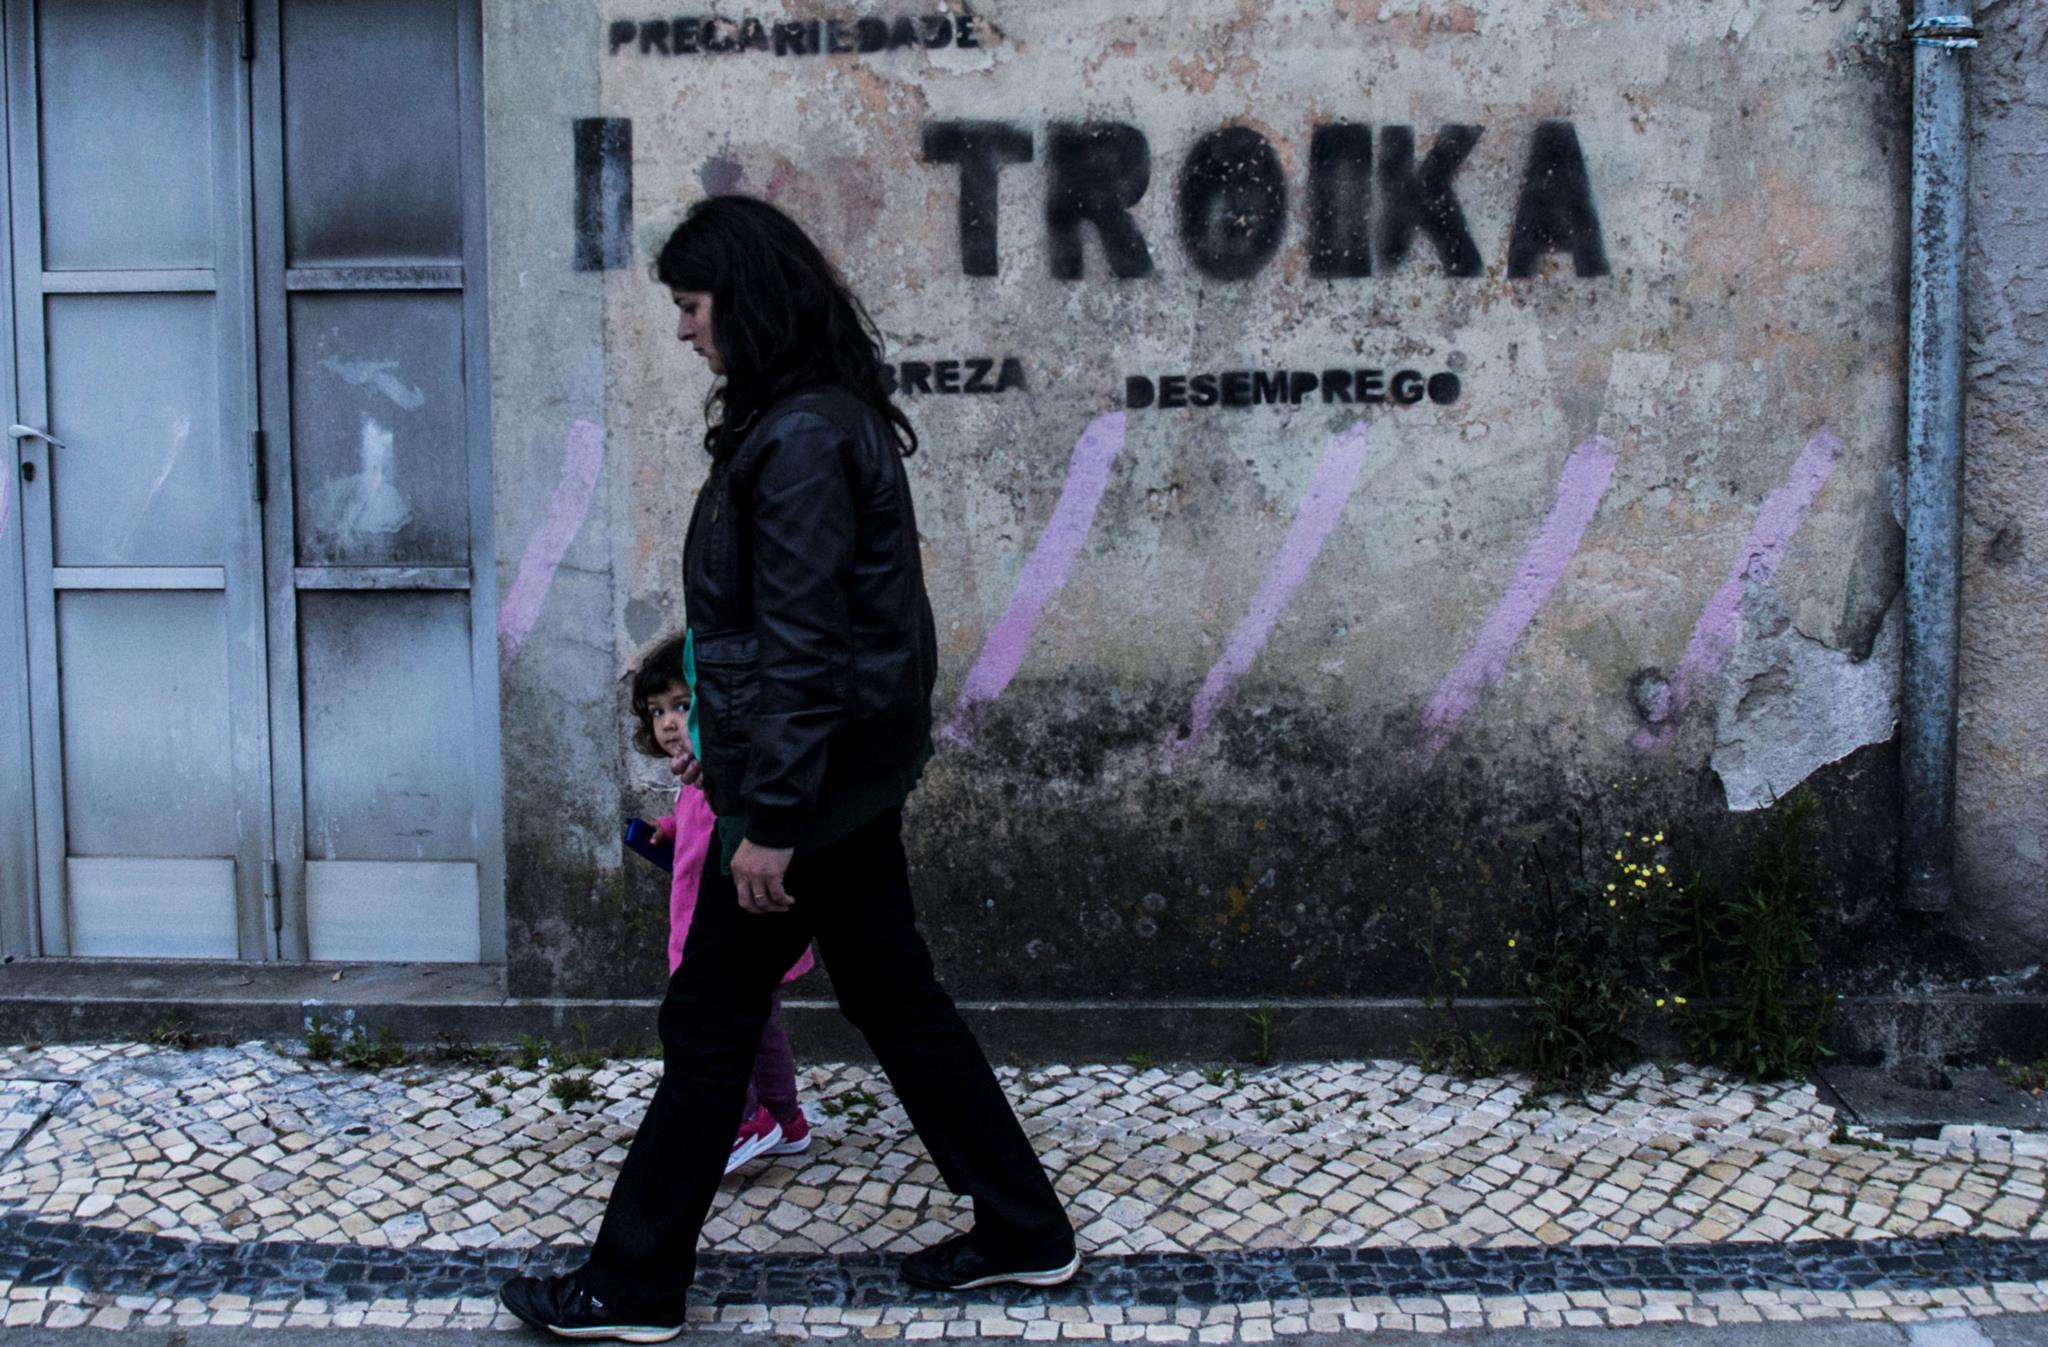 PÚBLICO - Instituto alemão DIW diz que austeridade amplificou crise em Portugal